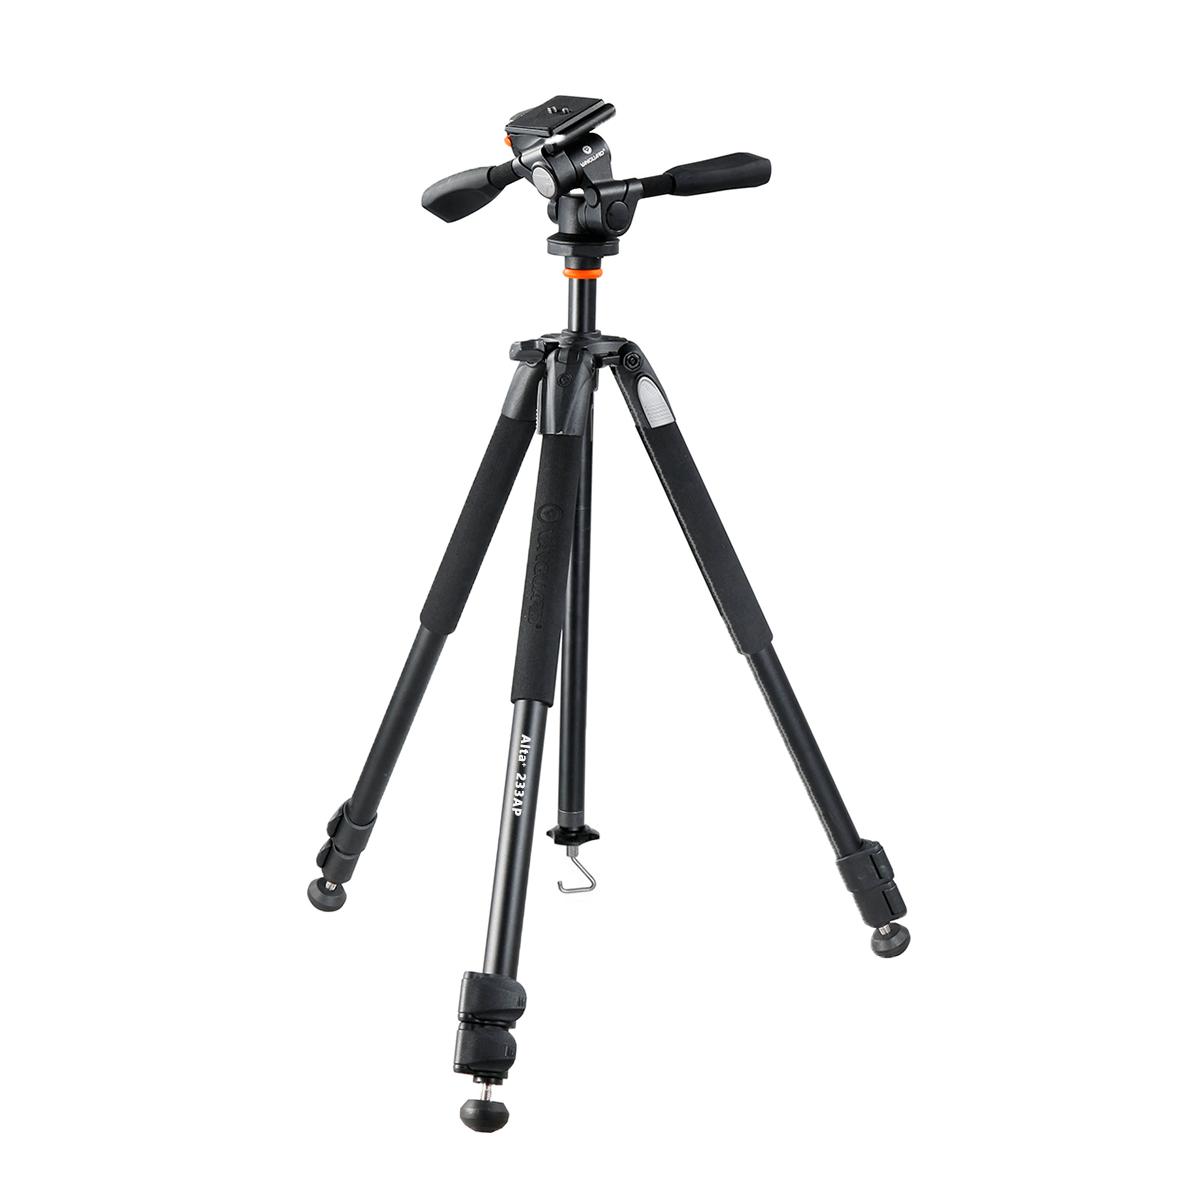 Tripé para Câmera com Cabeça de 3 Vias Vanguard 233AP 160cm para Fotos e Vídeo  - Fotolux